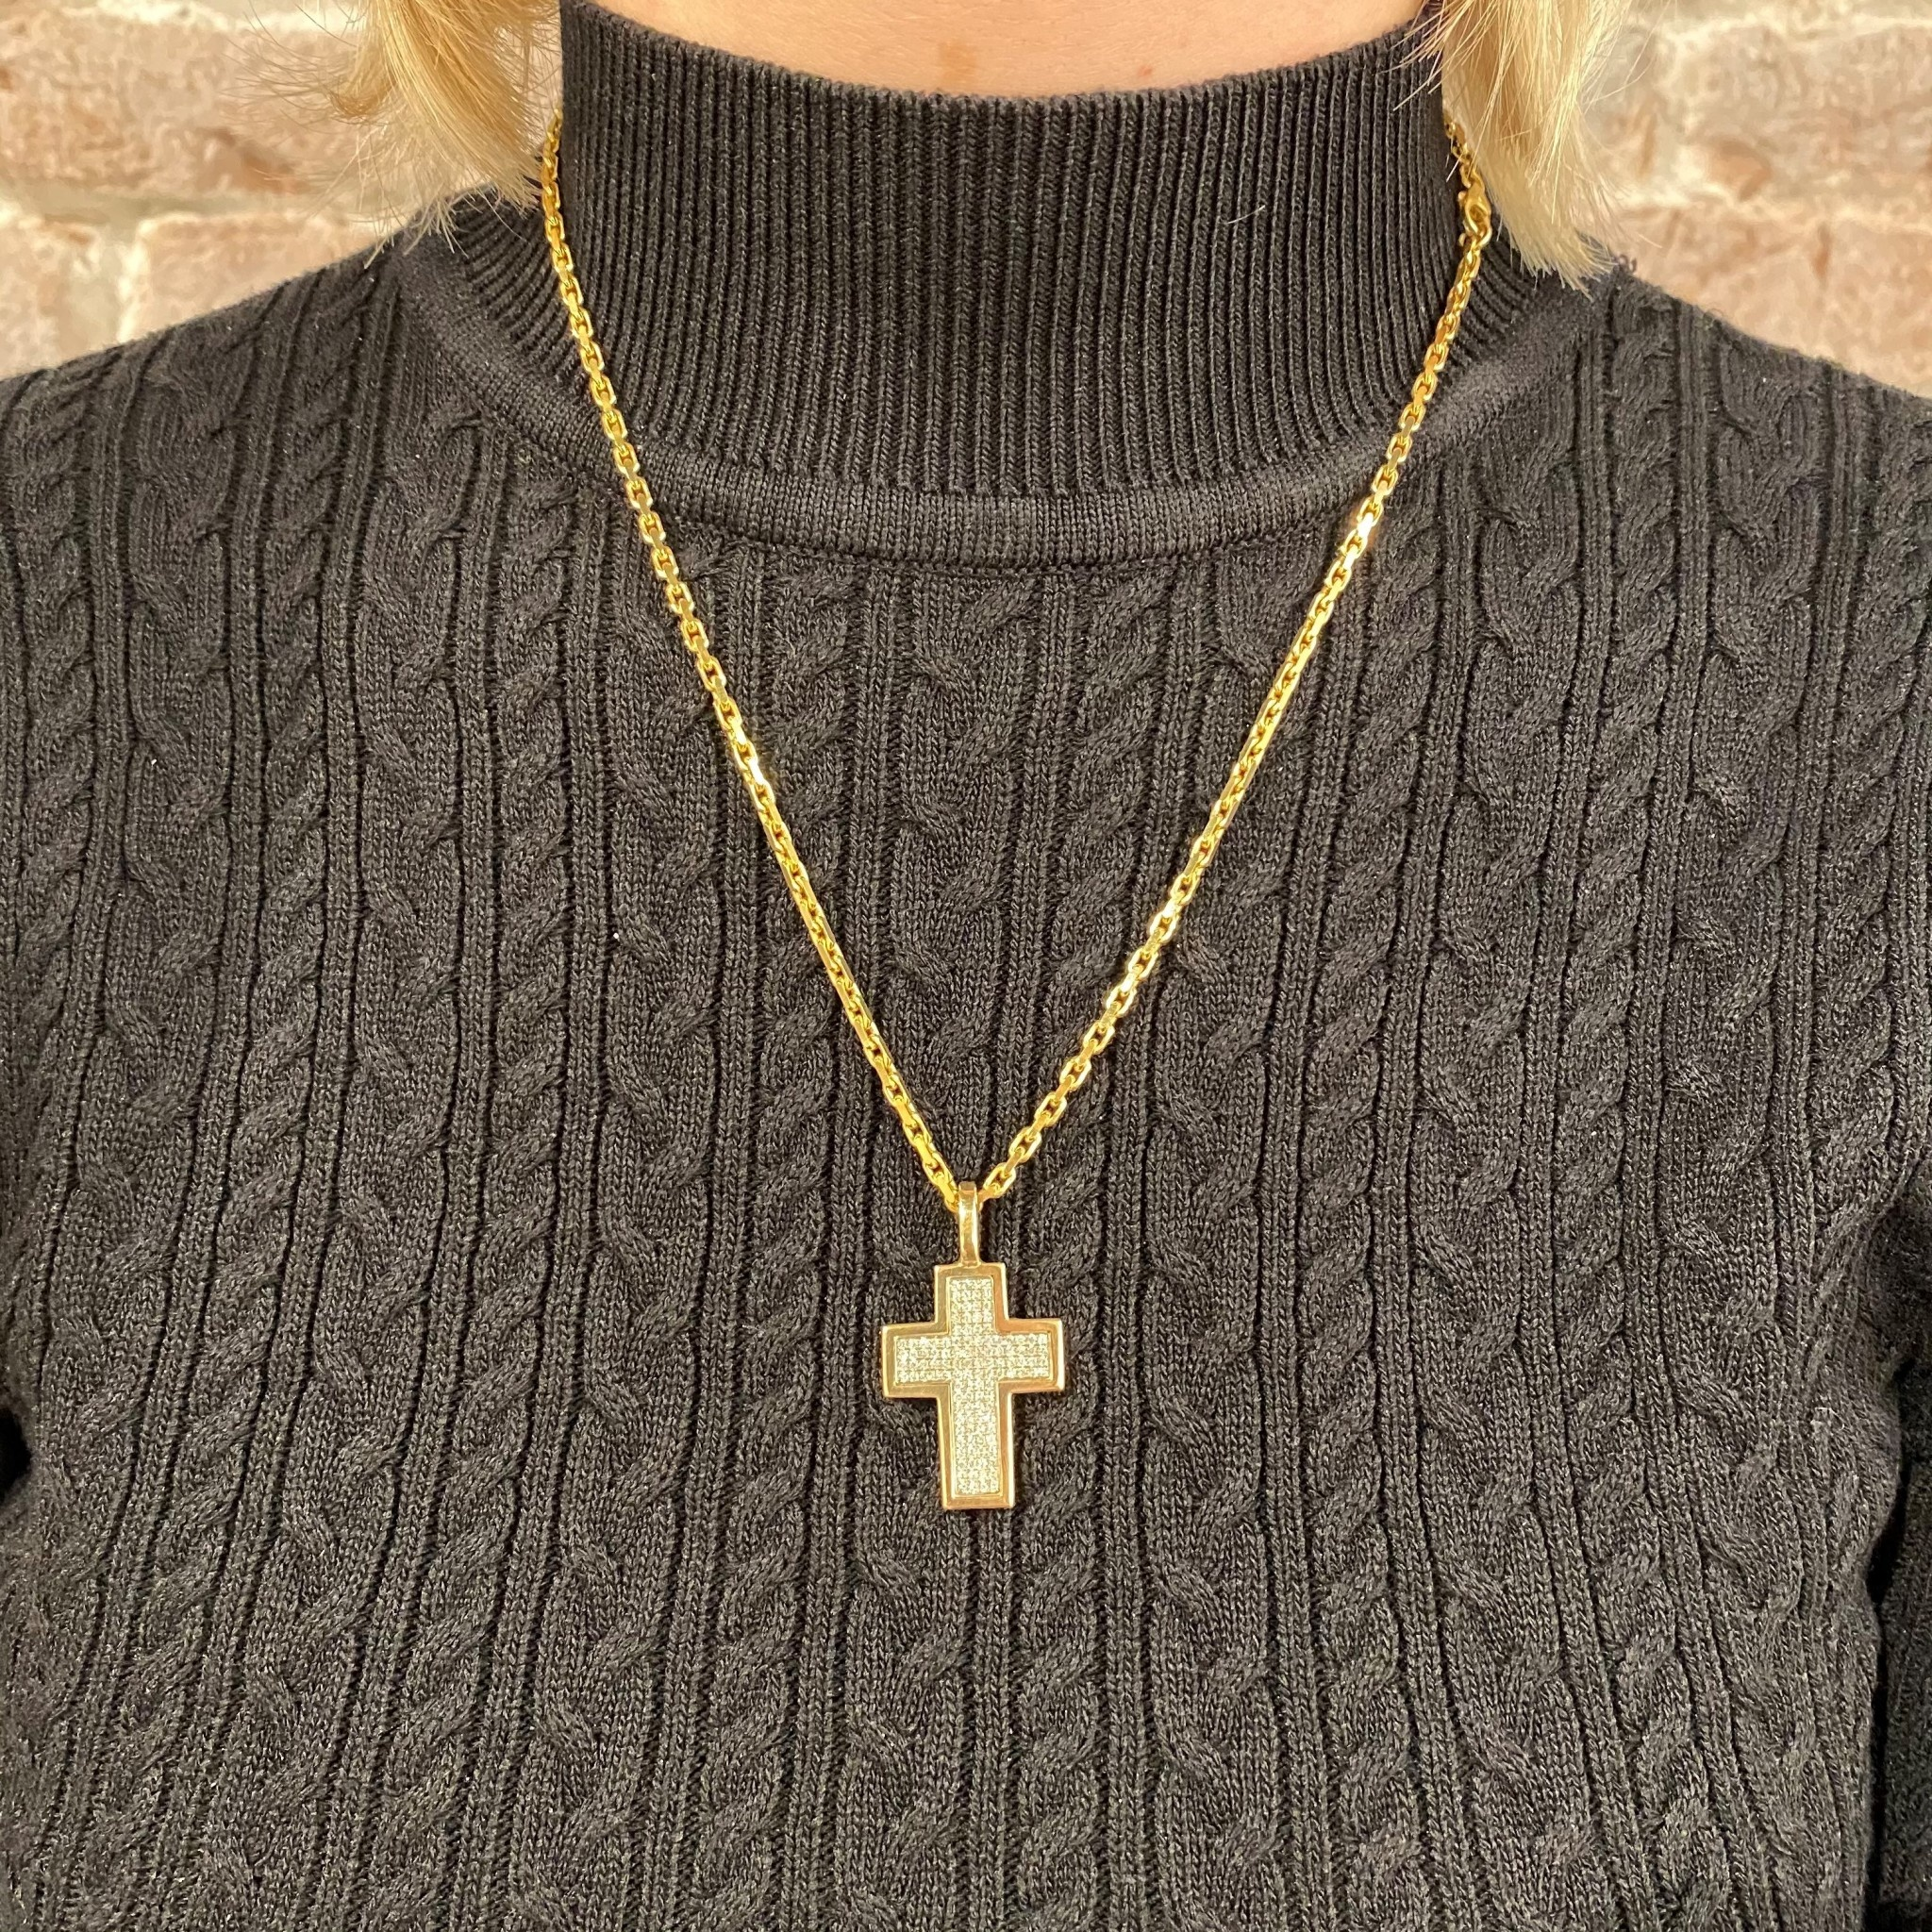 ROEMER ROEMER bicolor gouden kruis met briljanten